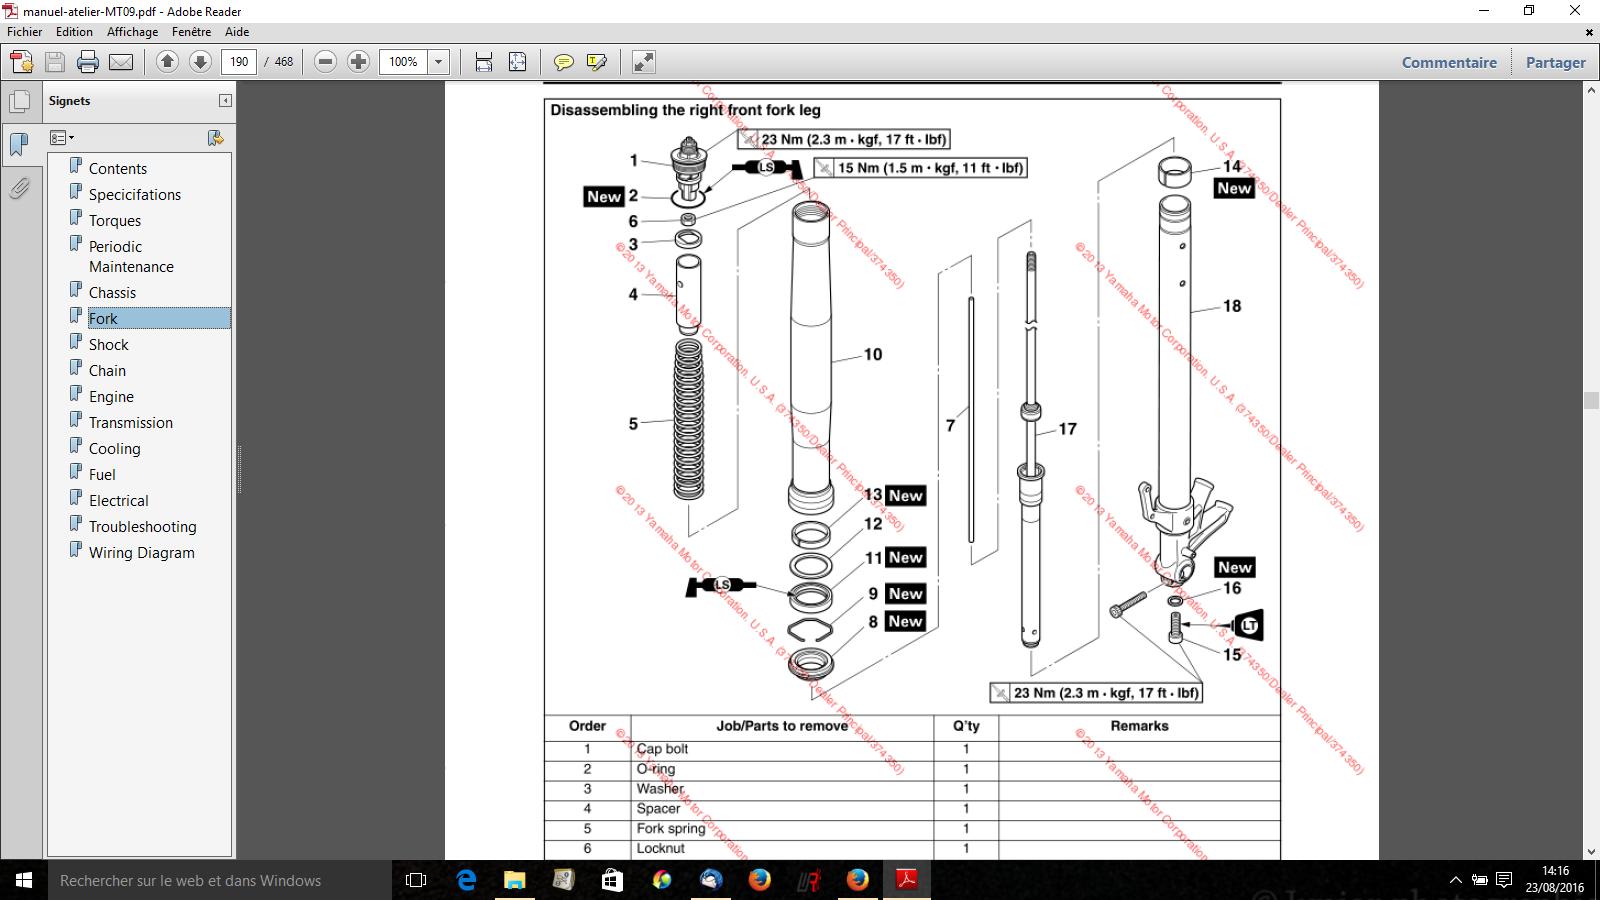 Cartouche supplémentaire fourche - Page 6 576799Capturedcran13